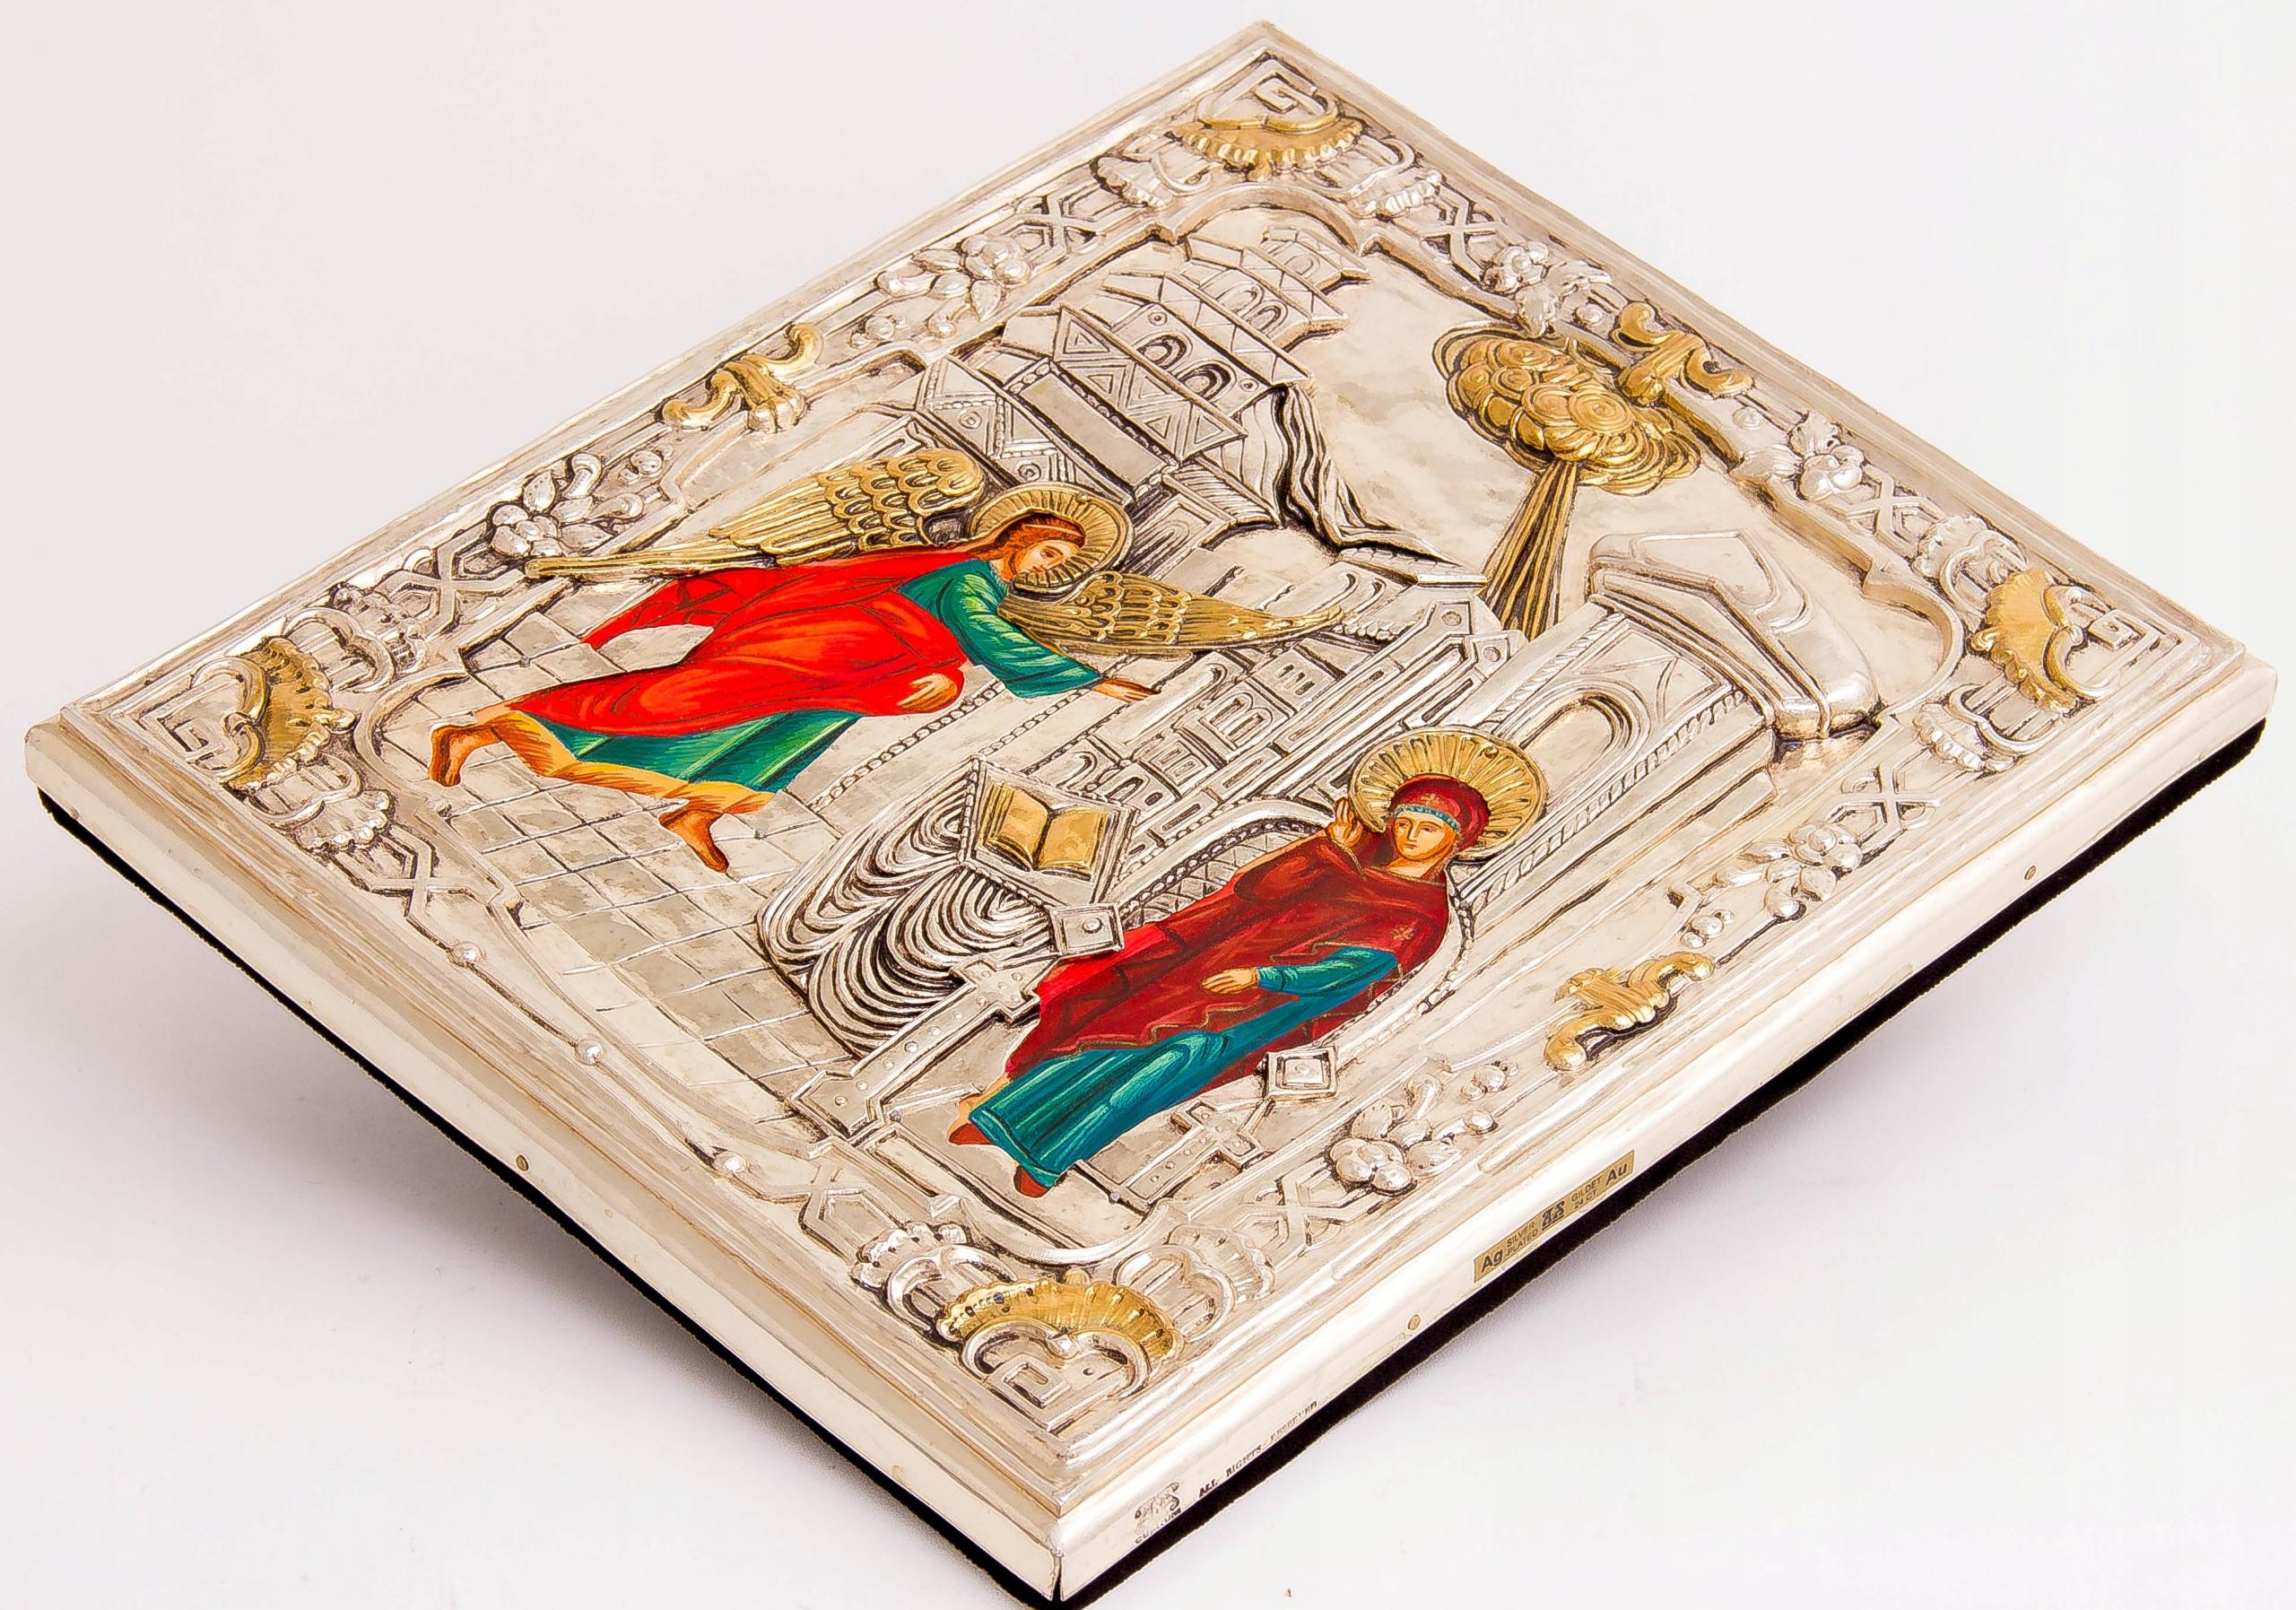 Ikona Zwiastowania Najświętszej Marii Panny Szerokość 28 cm